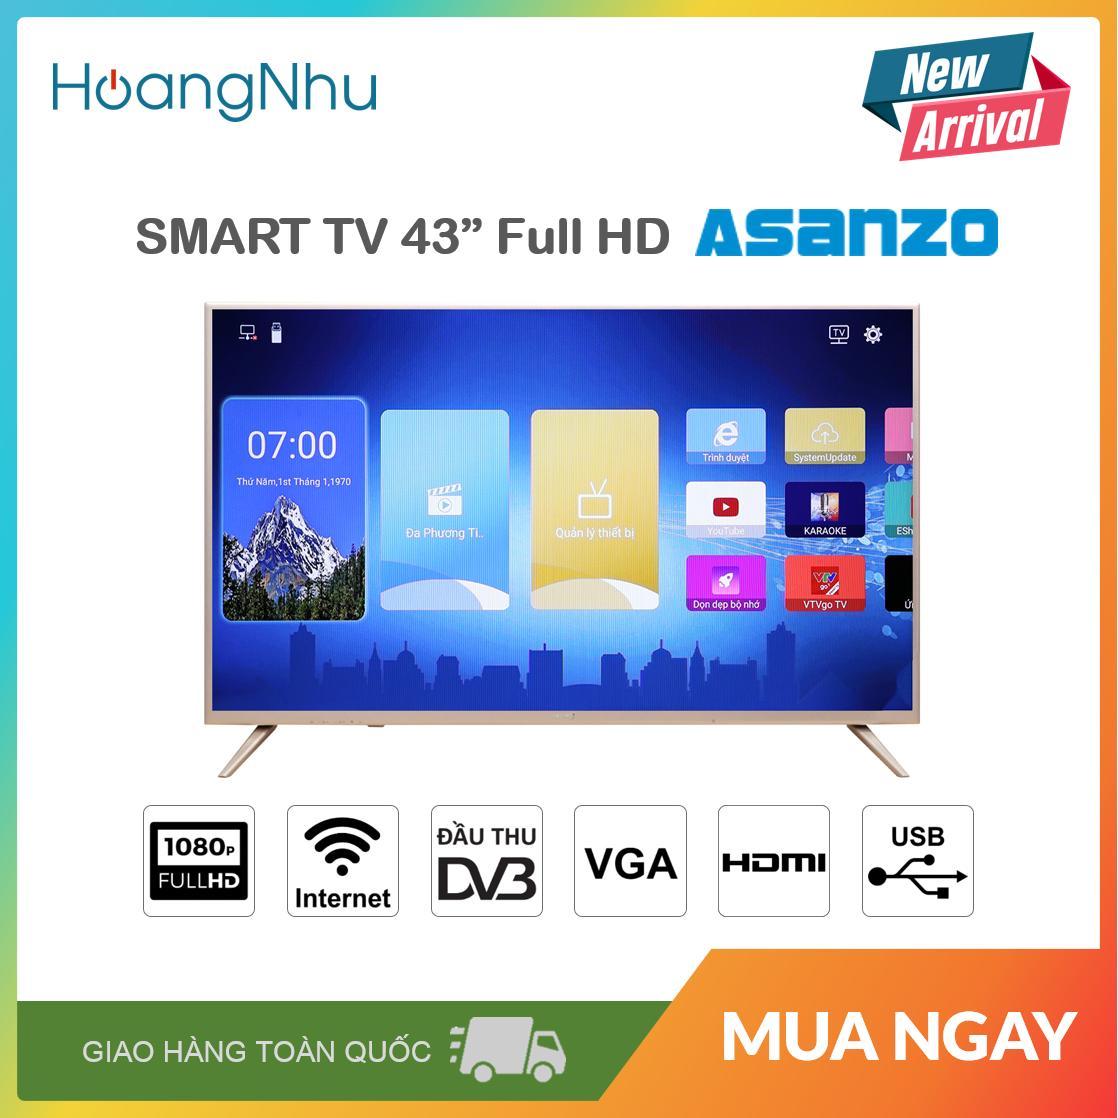 Bảng giá Smart Tivi Asanzo 43 inch Full HD Model 43AS560 (Android, Truyền Hình KTS) - Bảo Hành 2 Năm toàn quốc